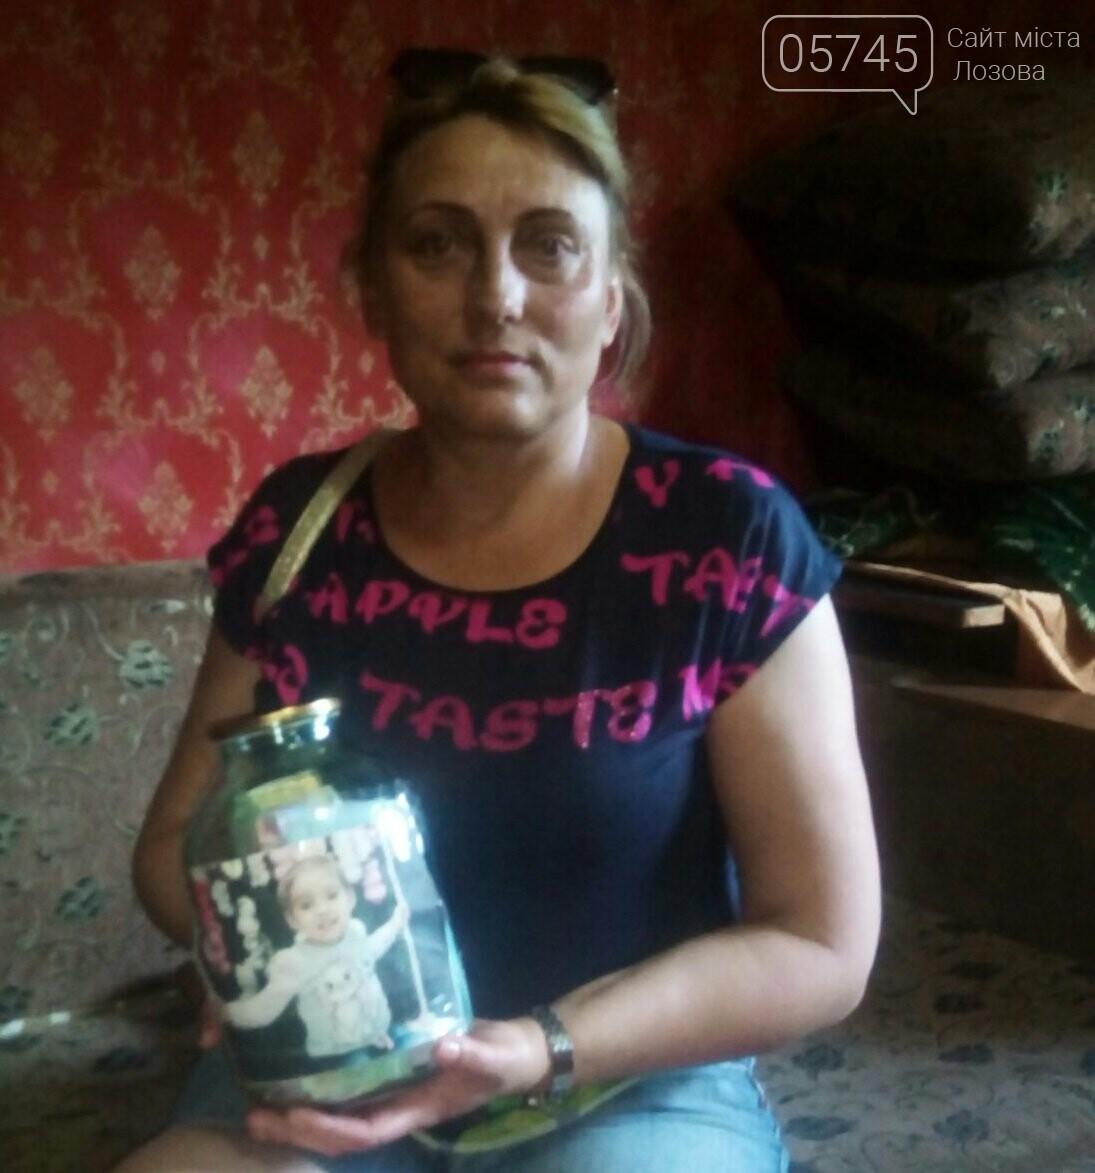 Мотопробег, рок-концерт и благотворительность: в Лозовой прошел мотослет «Пыль Дорог», фото-33